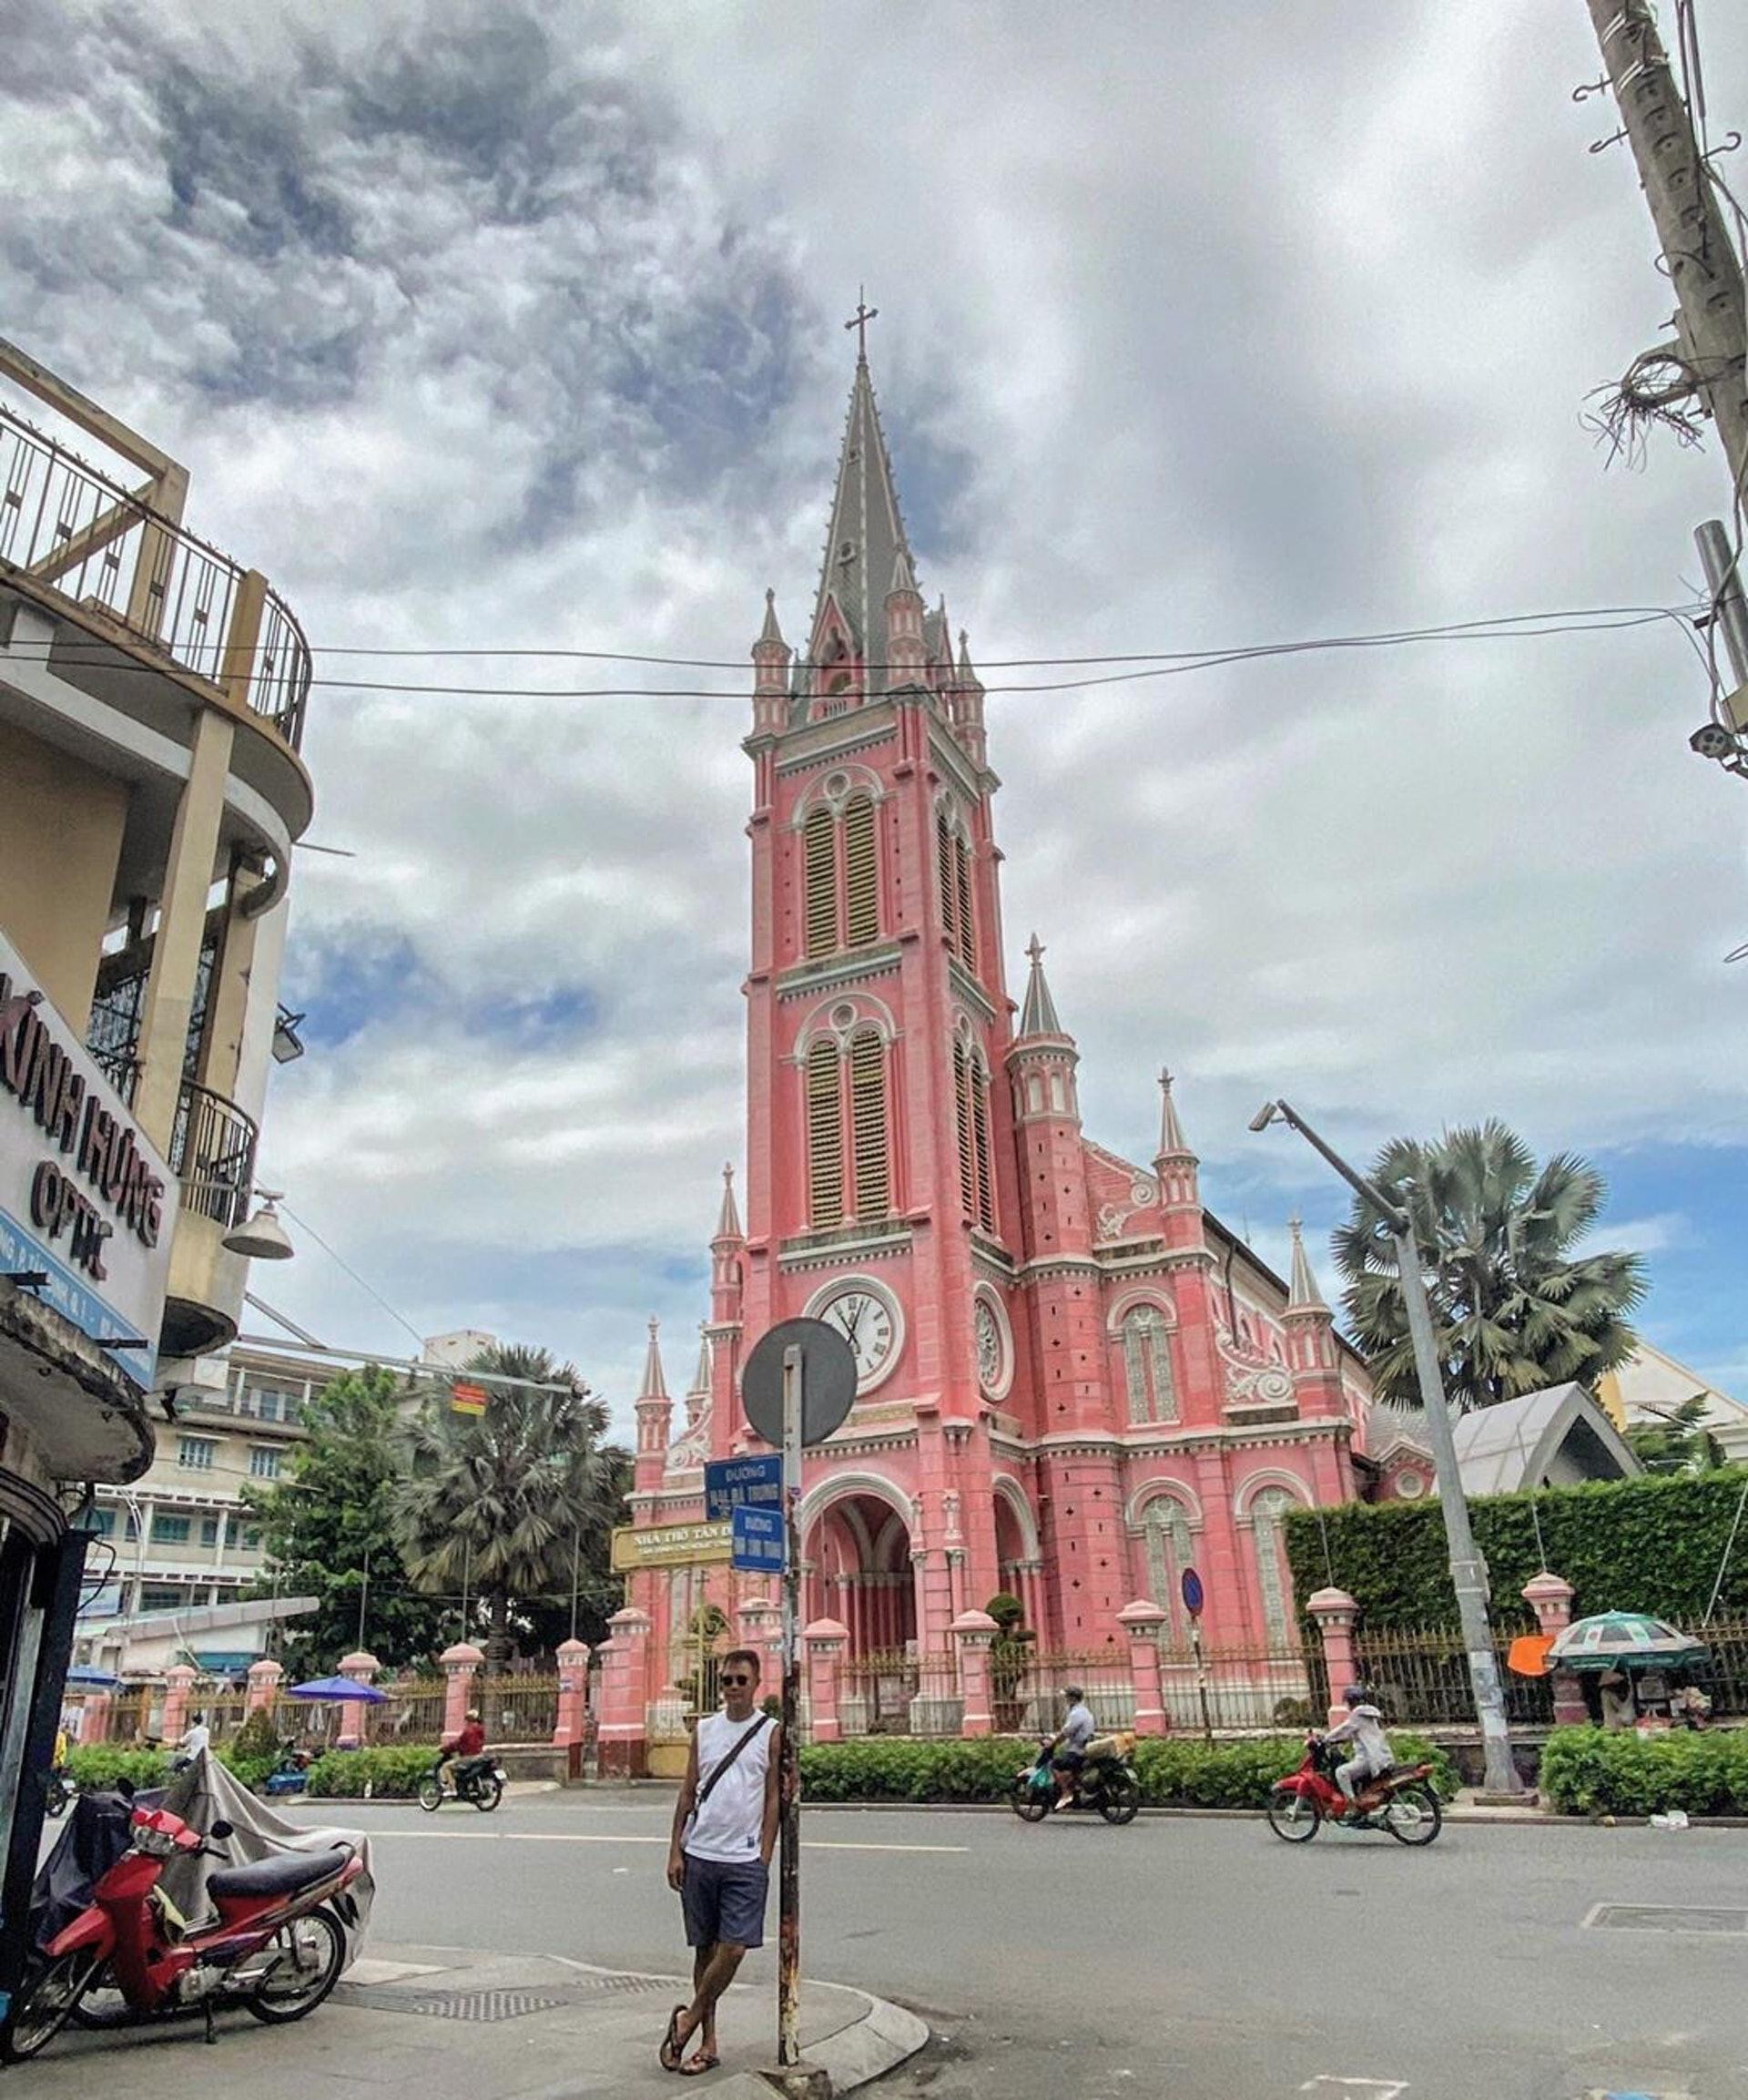 越南─粉紅教堂Tan Dinh Church(Ig@vinchenzio2)